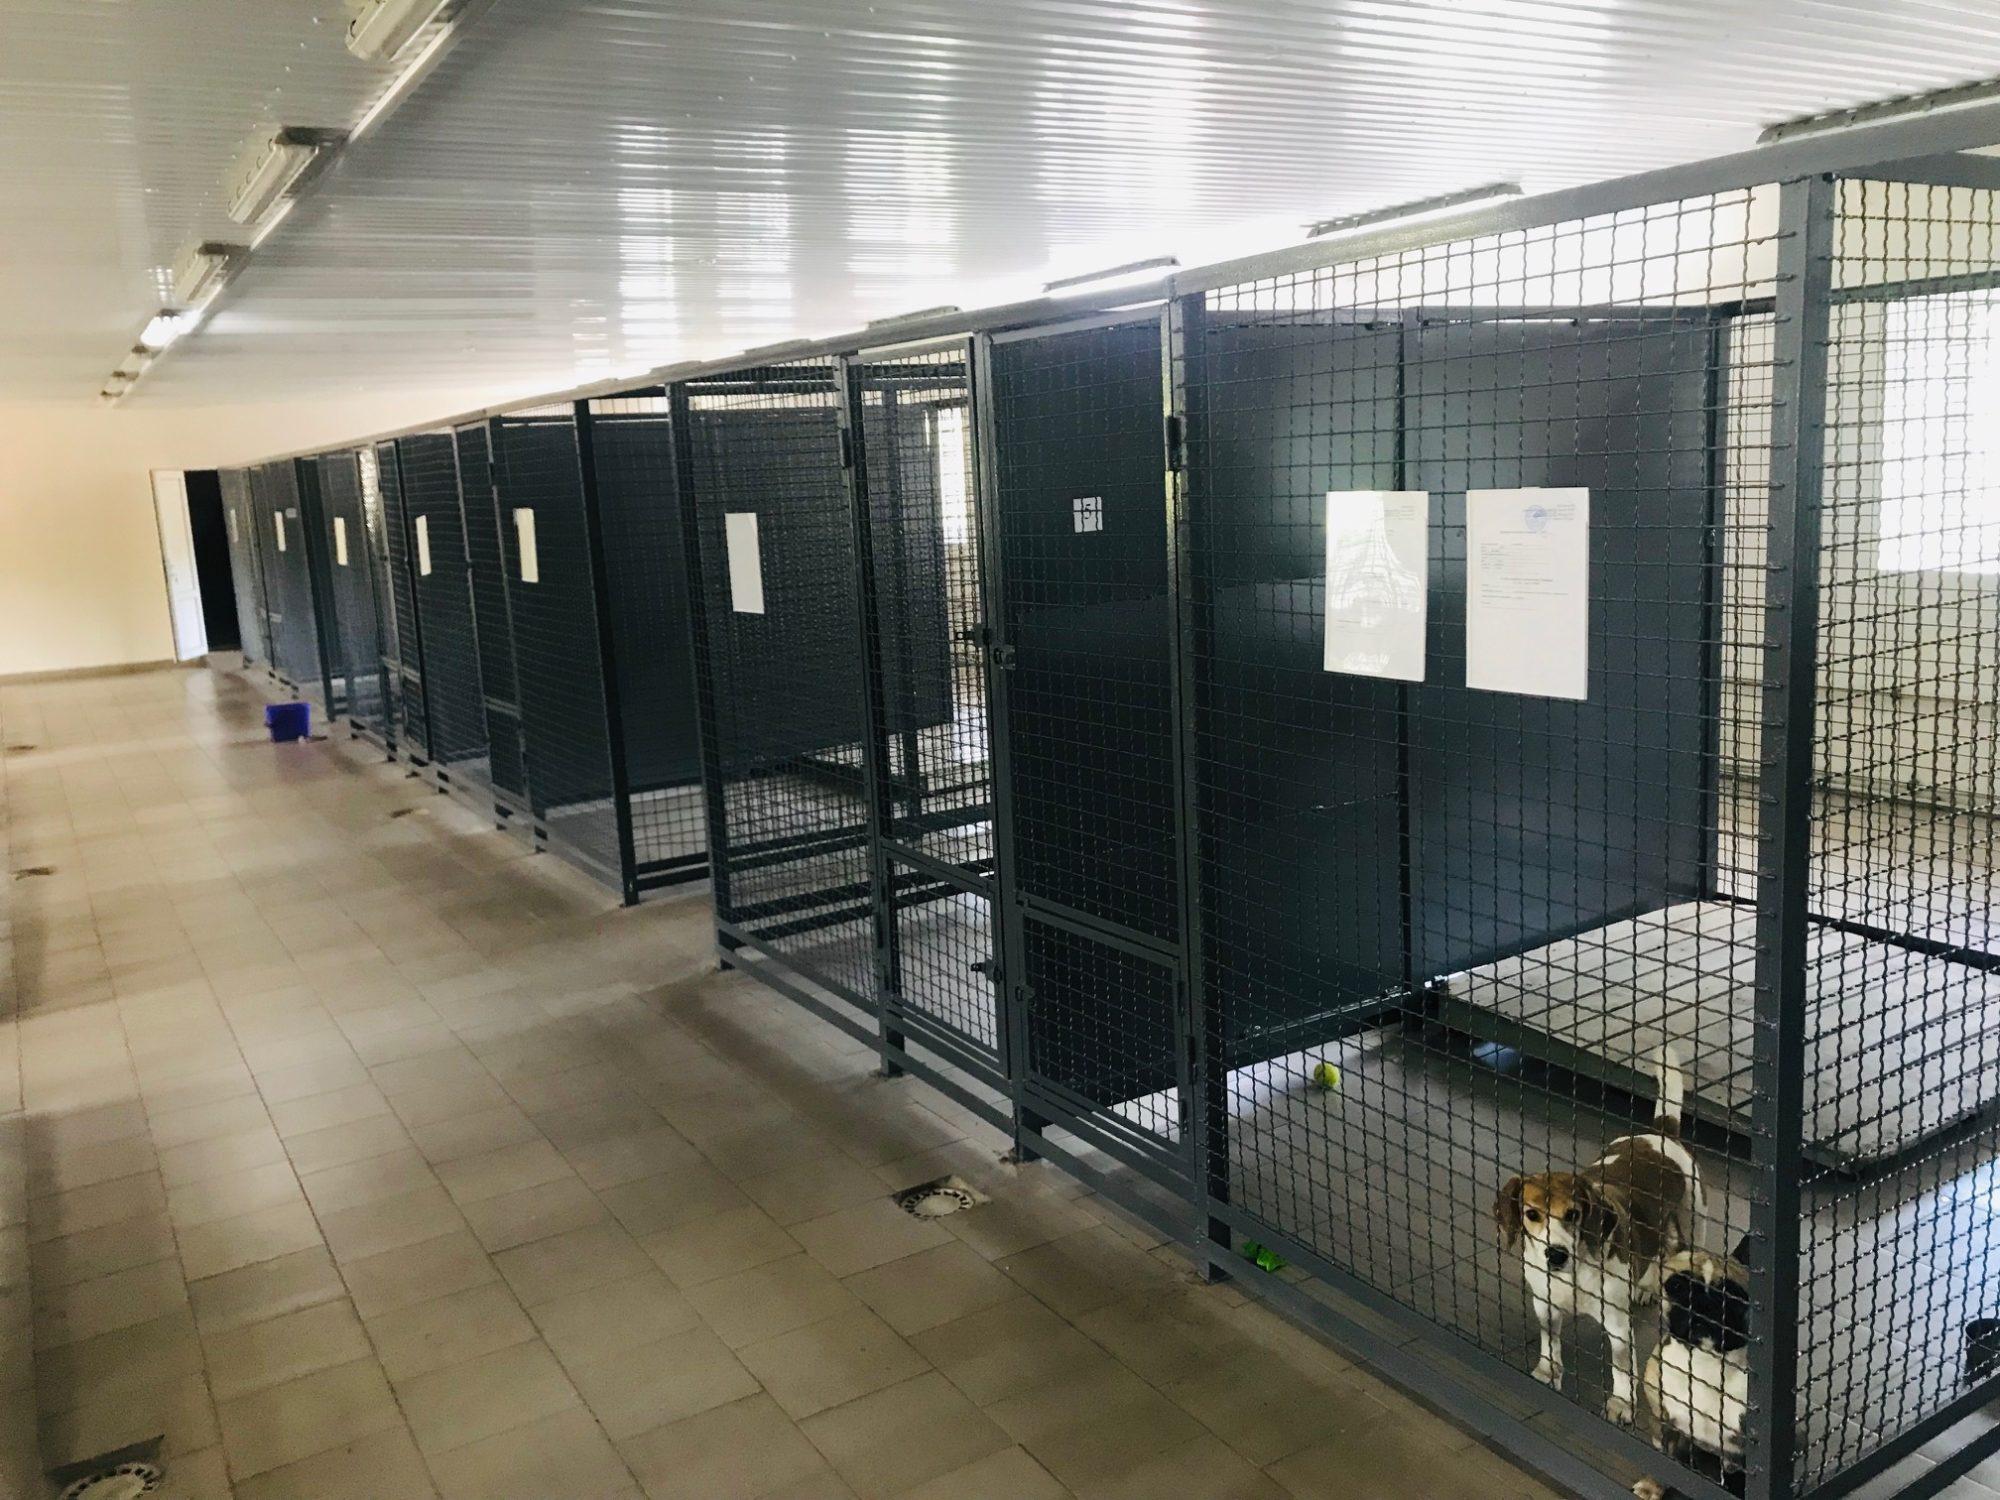 img1560497852_3-2000x1500 У Києві планують будівництво Центру захисту тварин